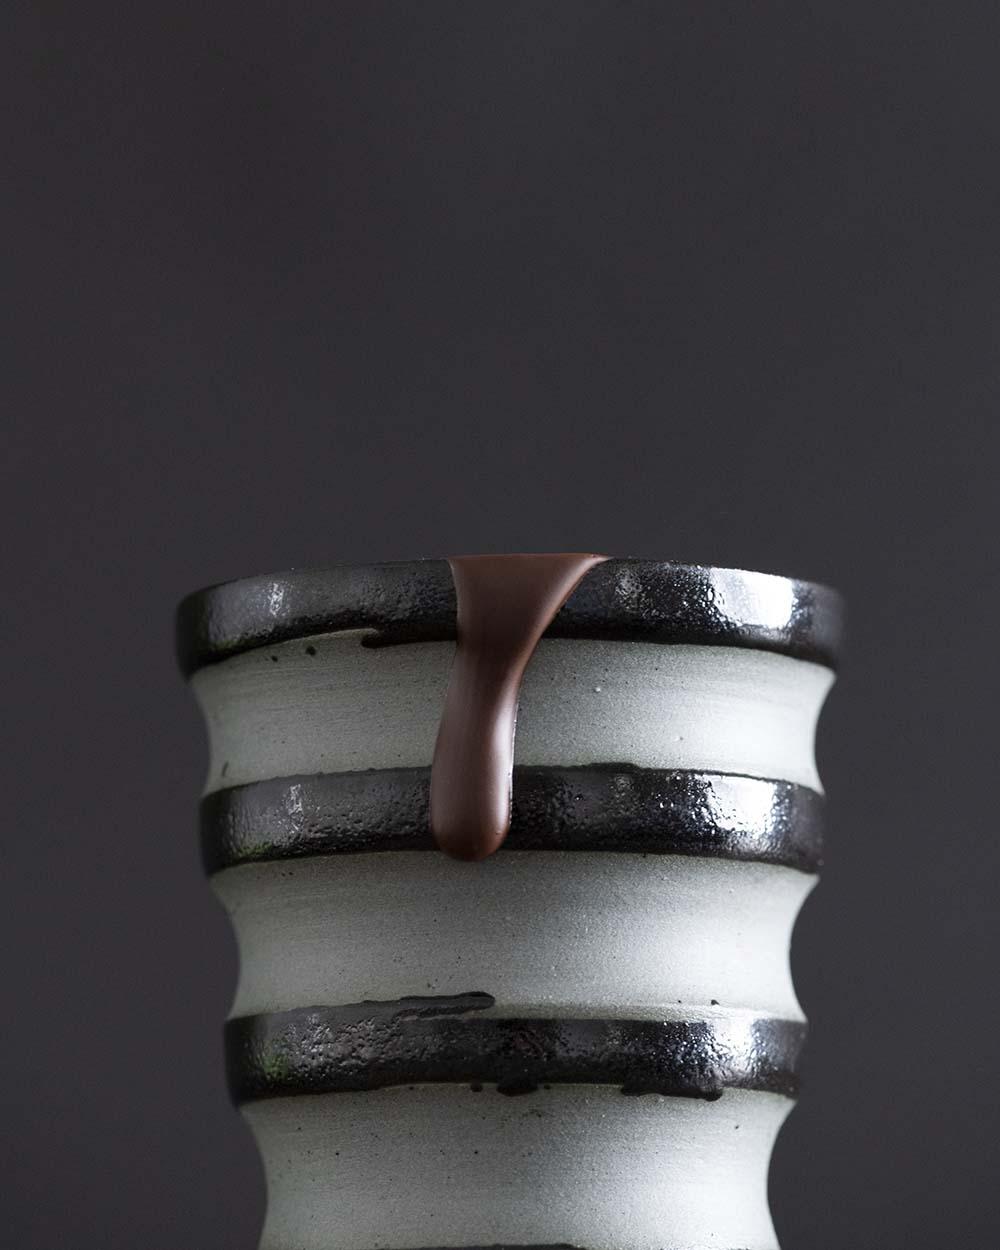 Geschmozlene Schokolade tropft von einem Becher